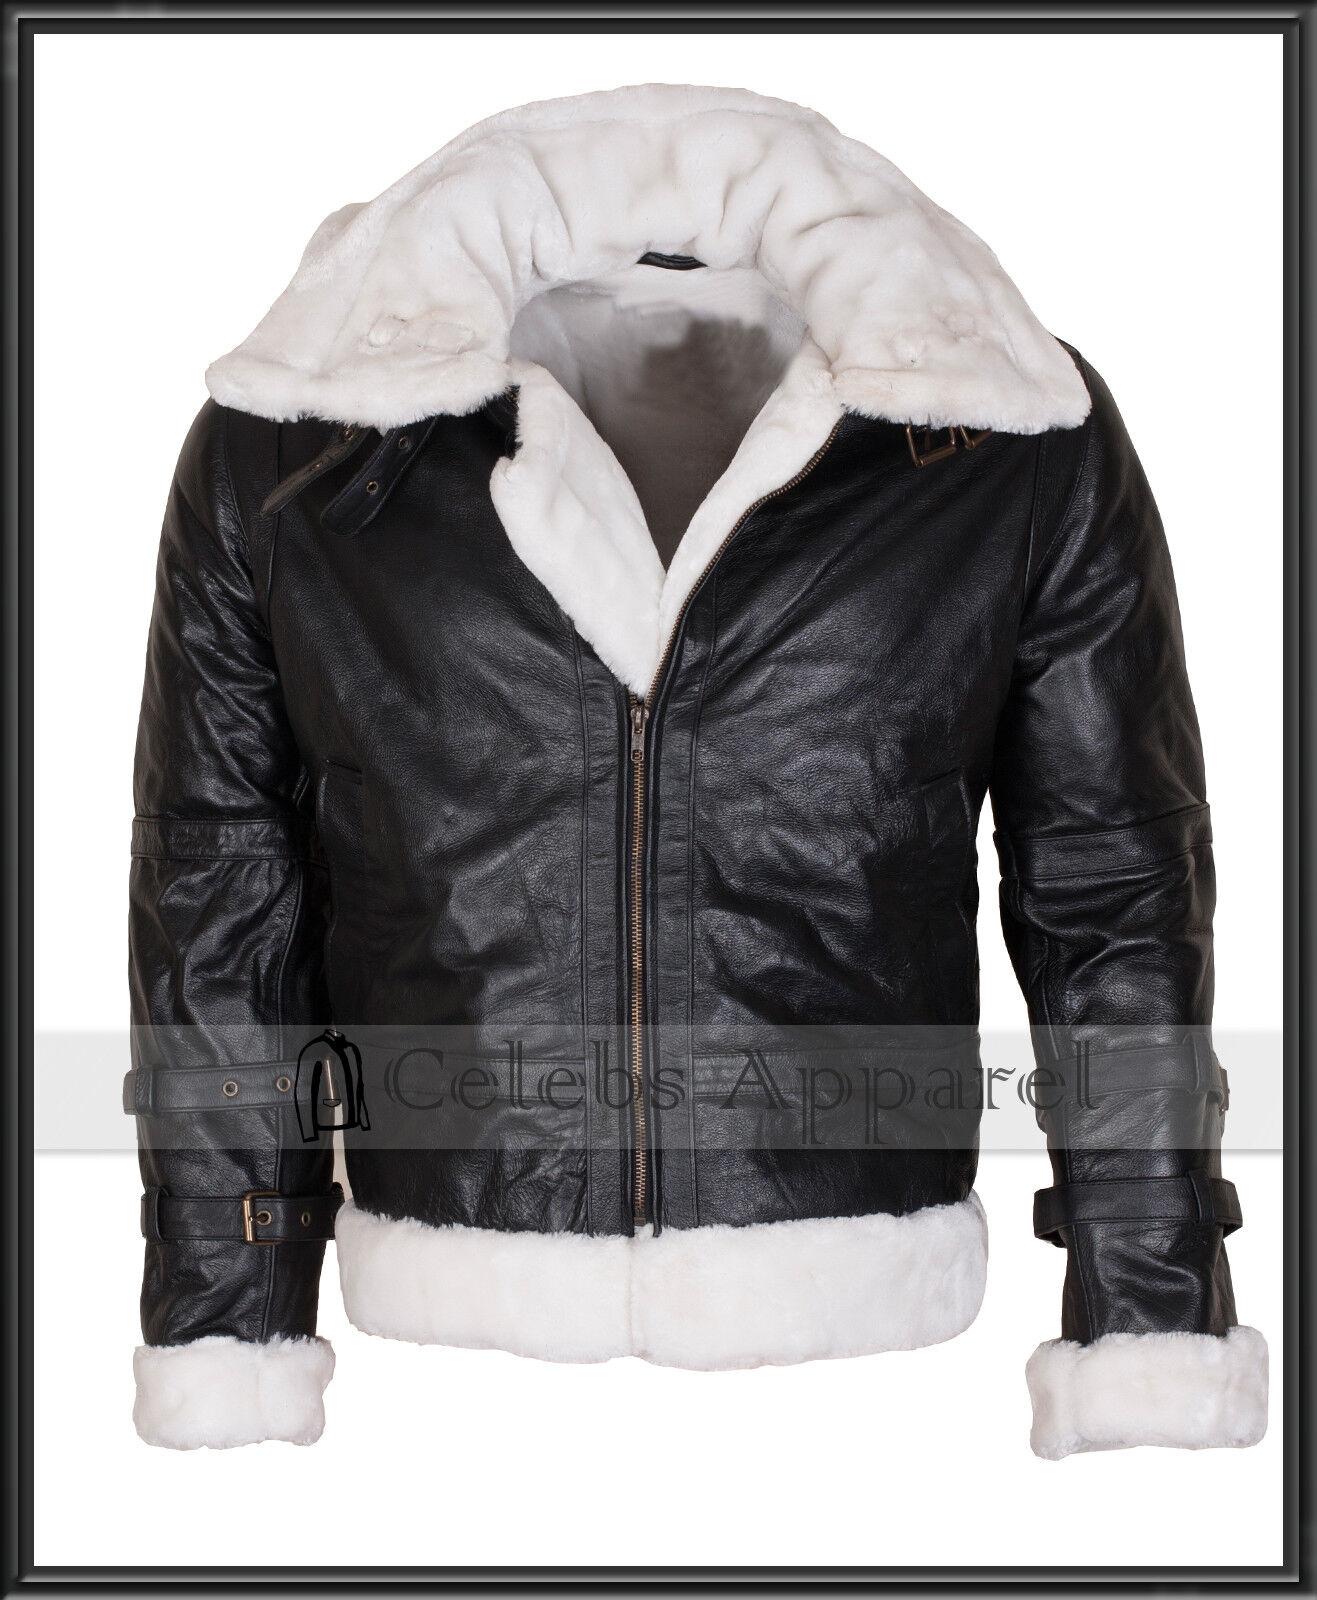 Veste en cuir Bomber pour homme aviateur B3 en peau de mouton véritable hiver Jet Pilot pour hommes